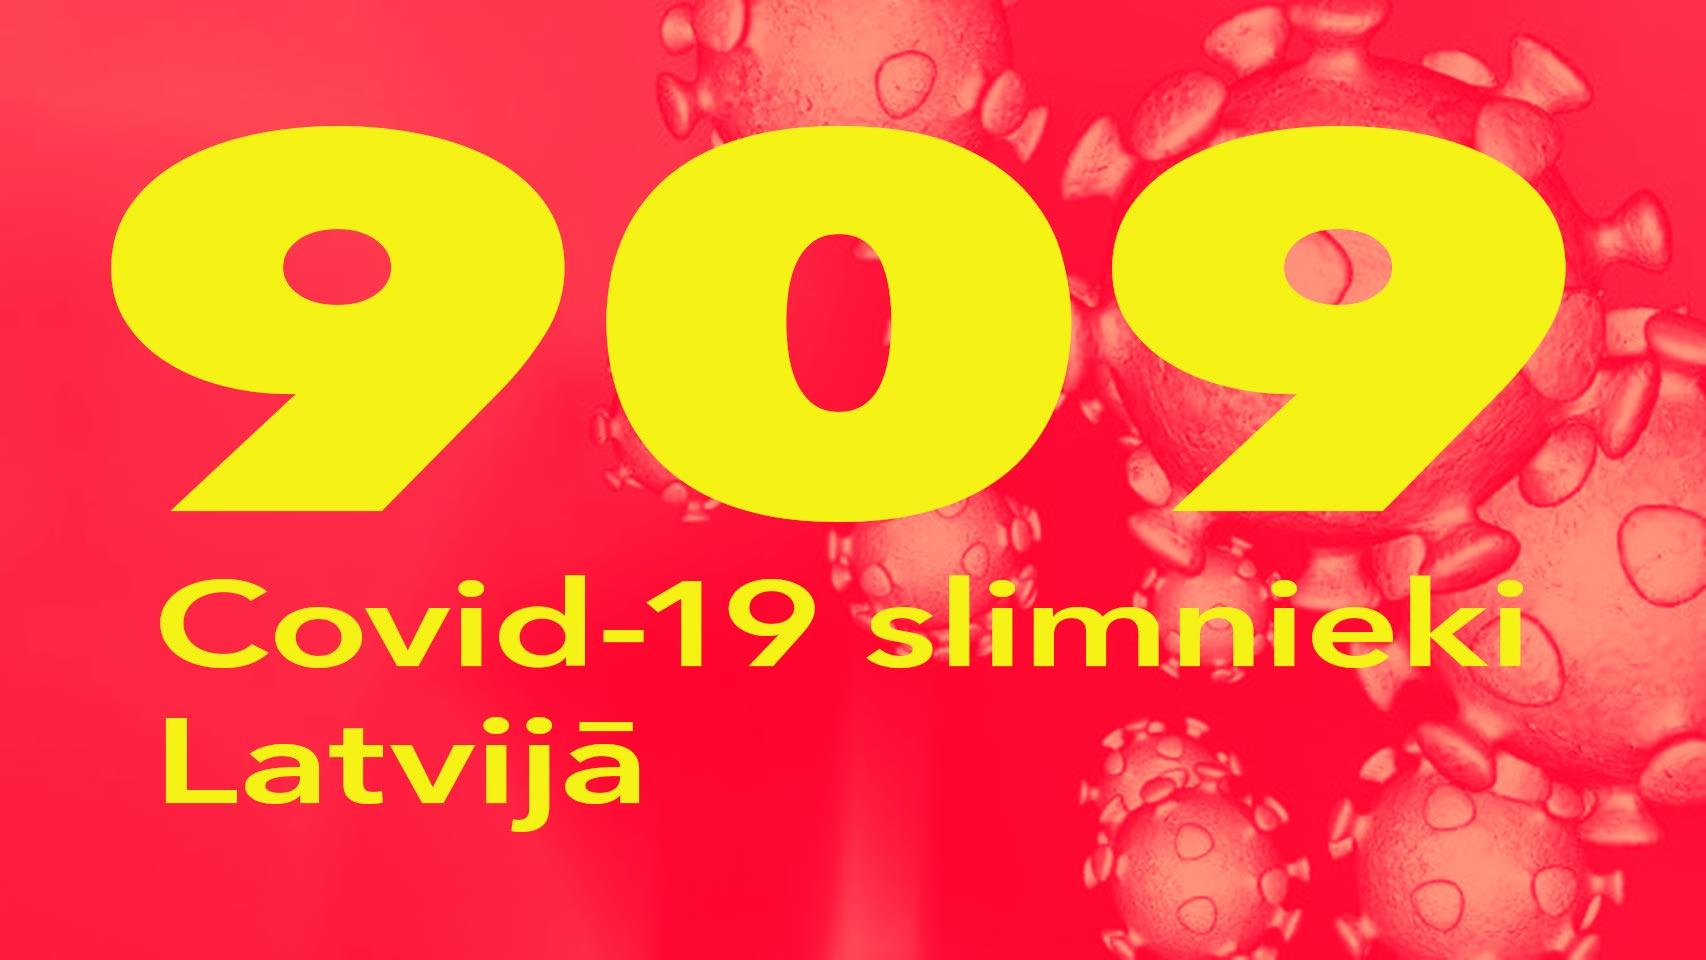 Koronavīrusa saslimušo skaits Latvijā 7.05.2020.